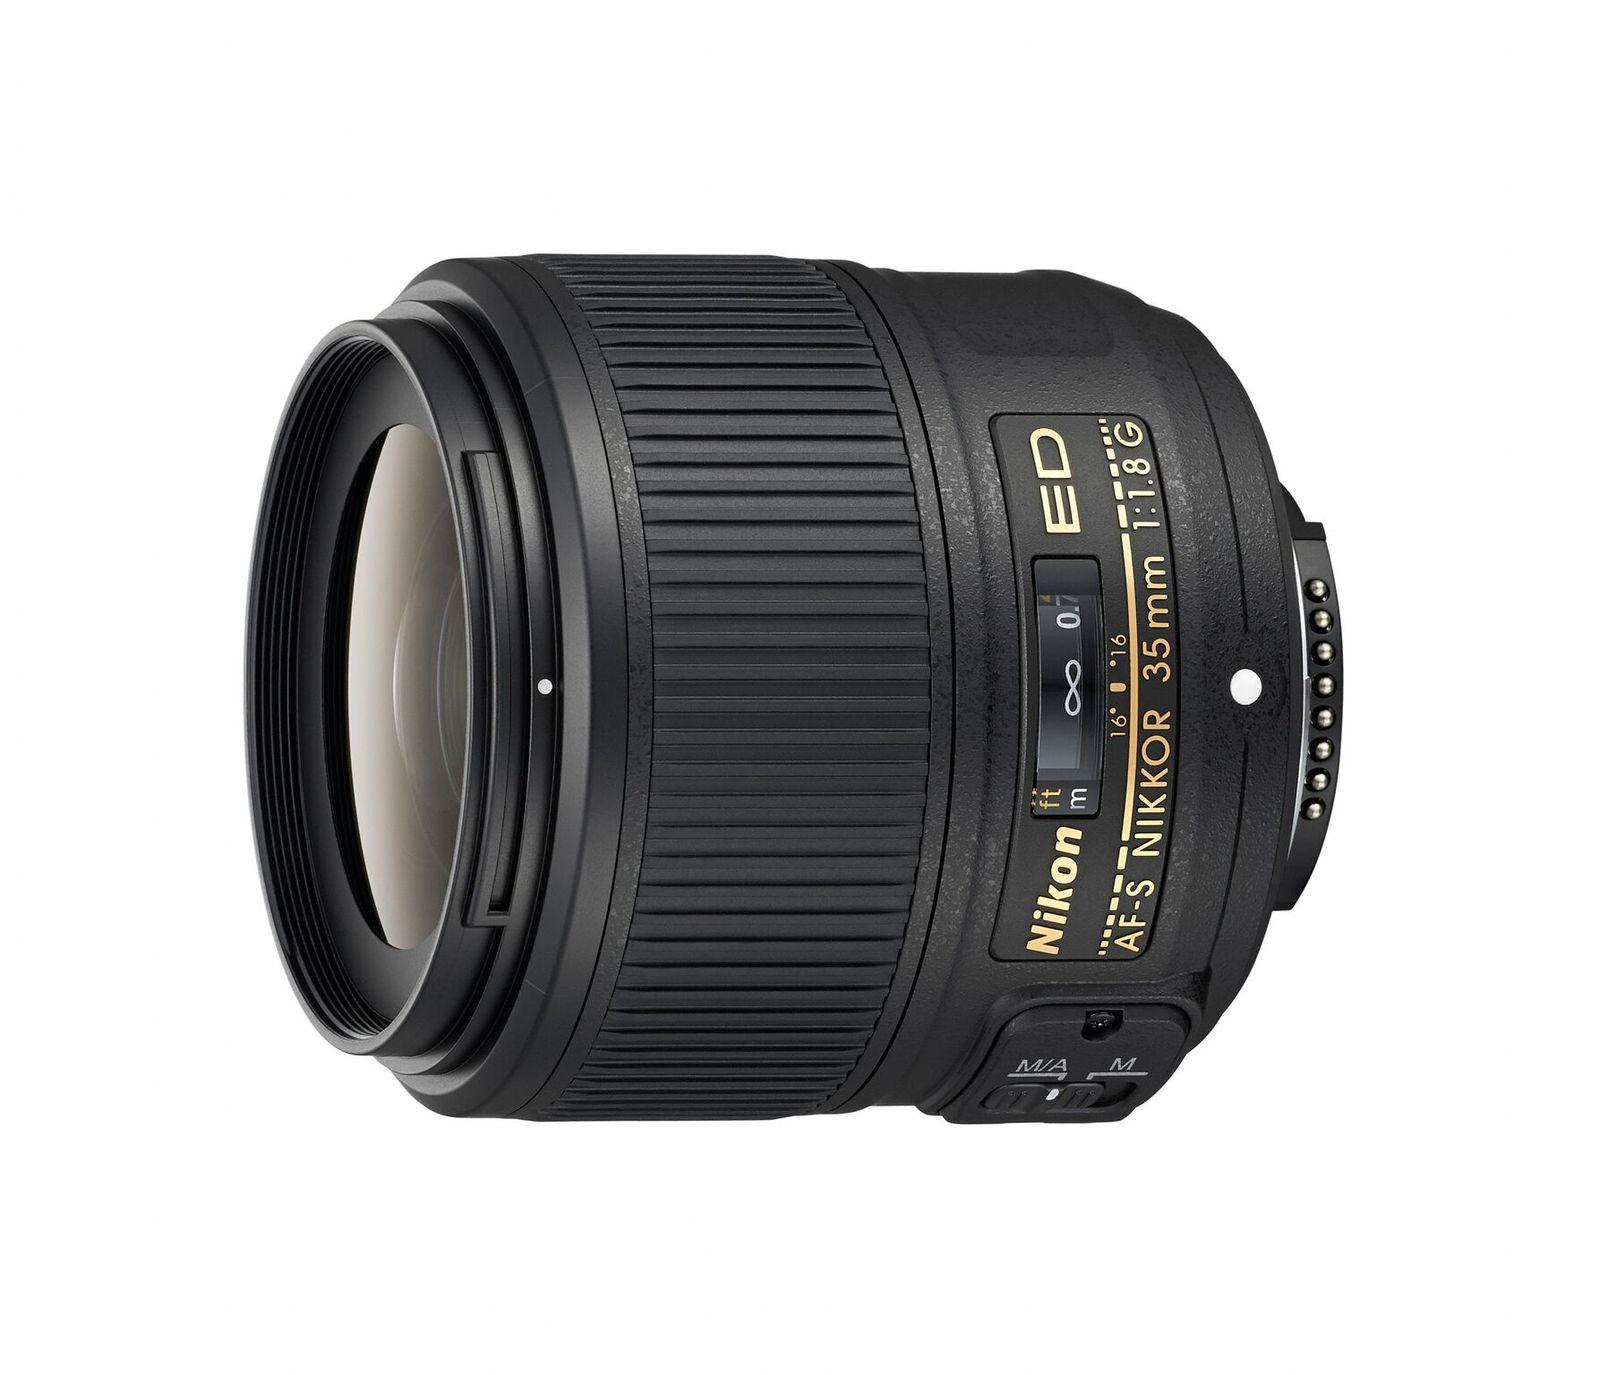 Nikkor AF-S DX 35MM F1.8G image